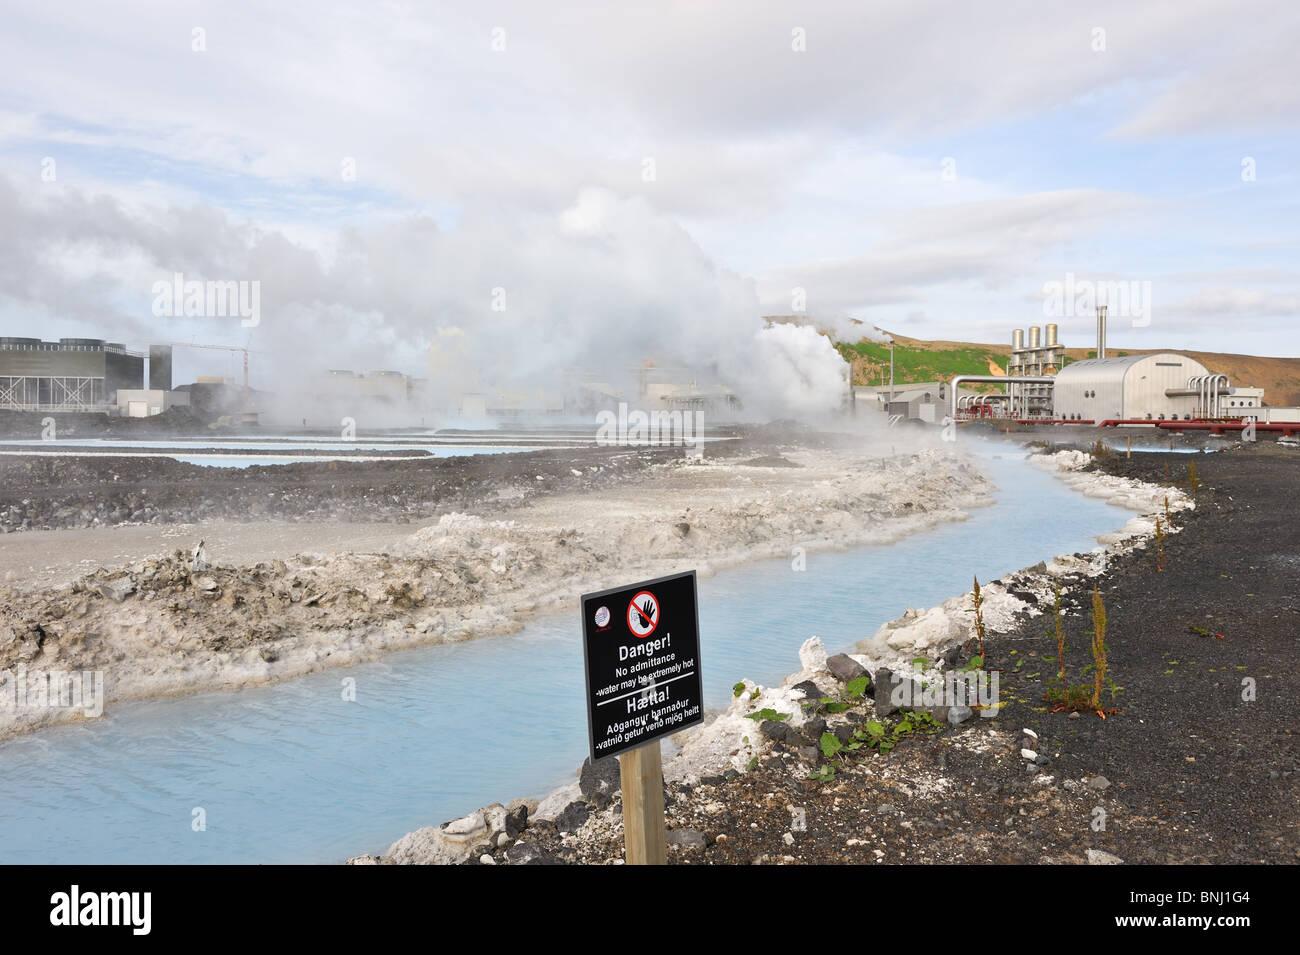 Planta de energía geotérmica Svartsengi cerca Grindavik, al sur de Islandia. Señal de advertencia Imagen De Stock